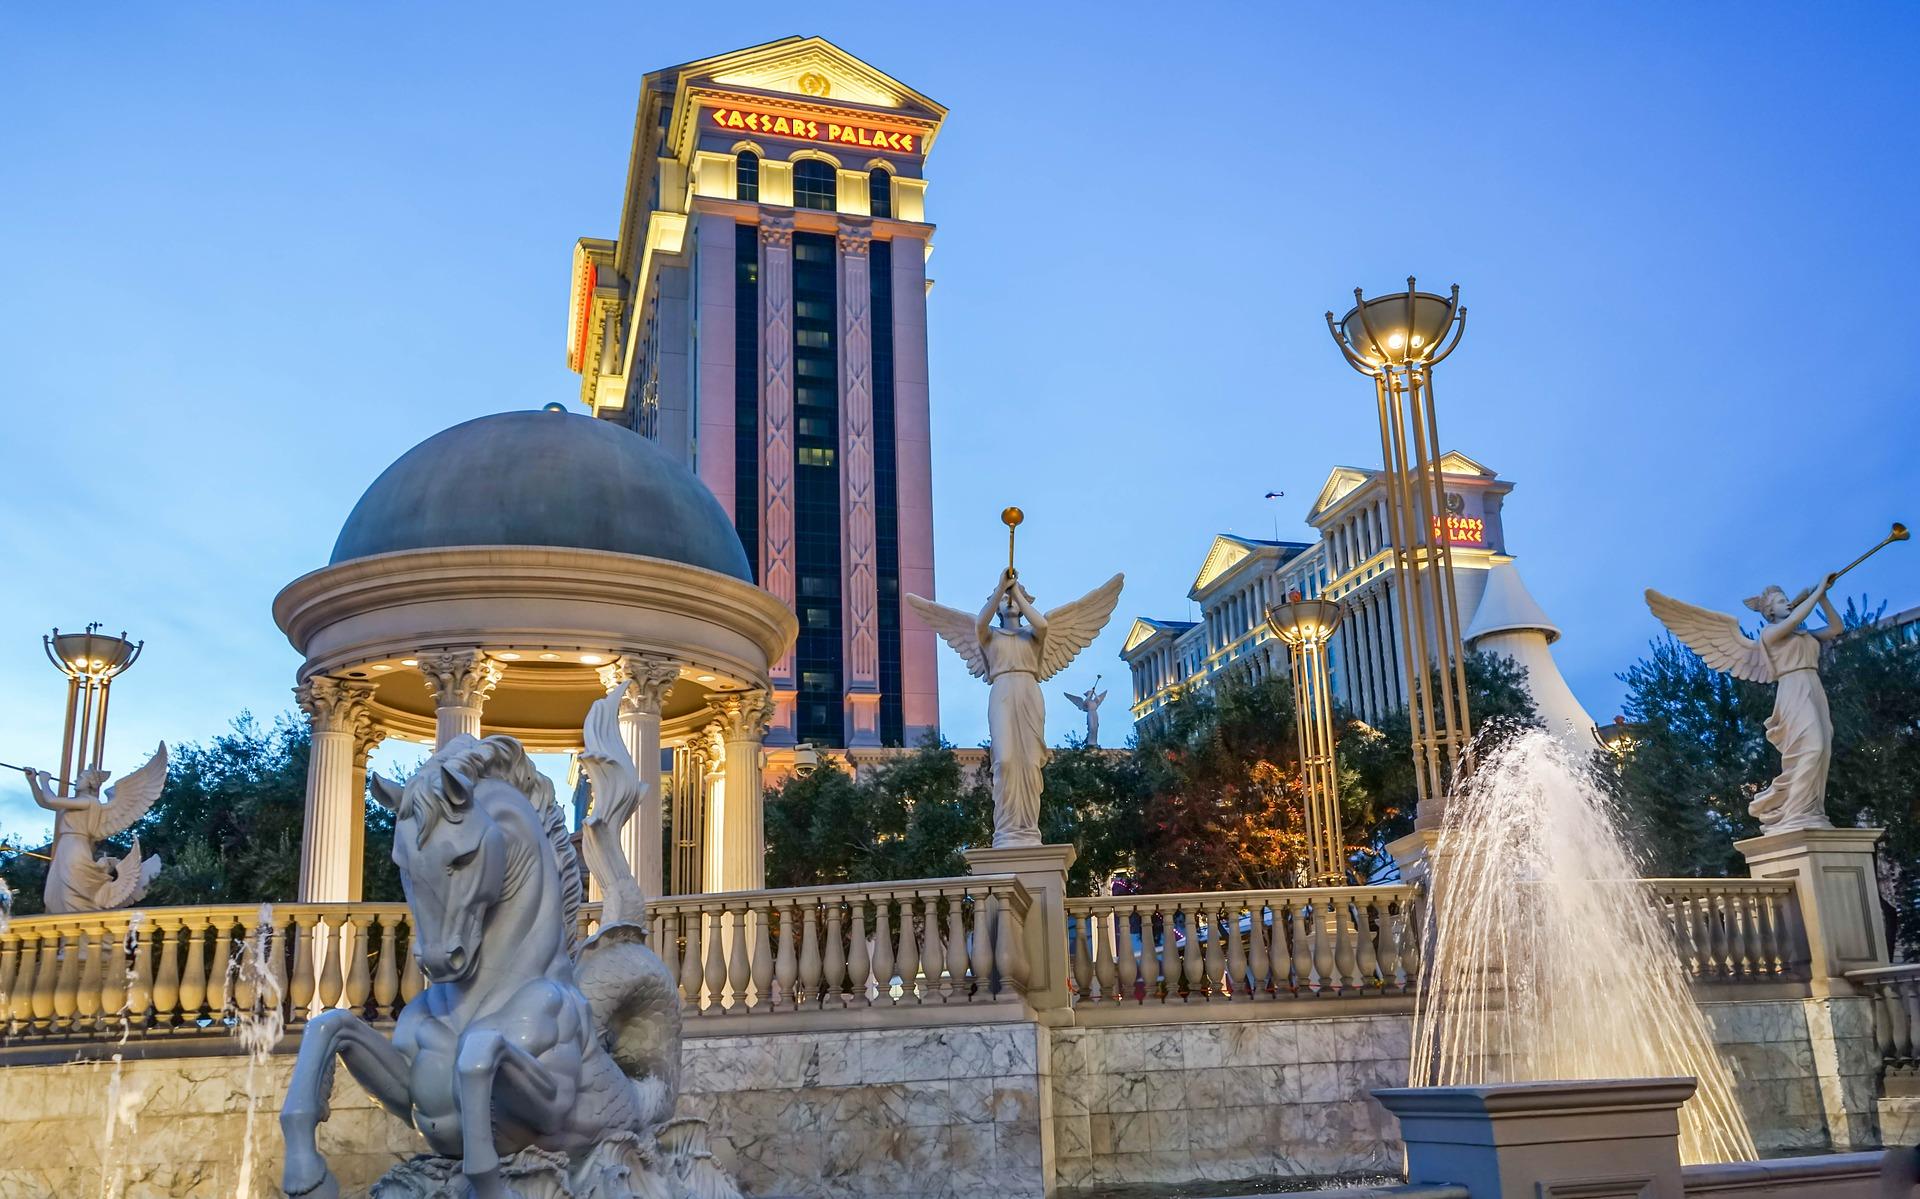 Caesars Palace Casino Las Vegas